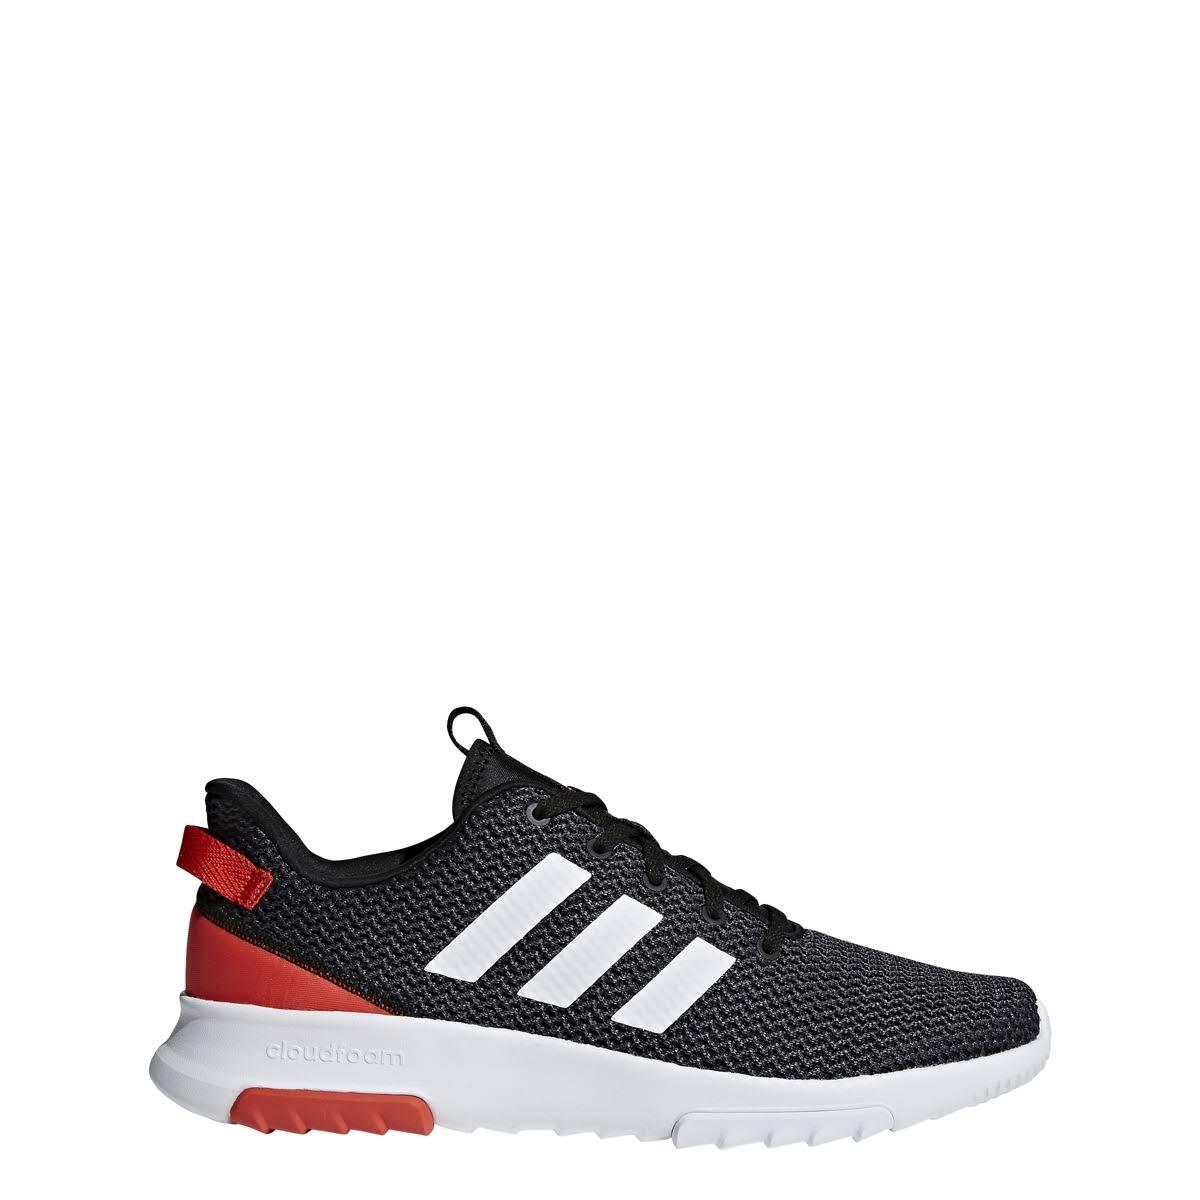 14 Cloudfoam Shoes Racer Negro Tr Rojo Black Originales Adidas Hombres dqXwtFq